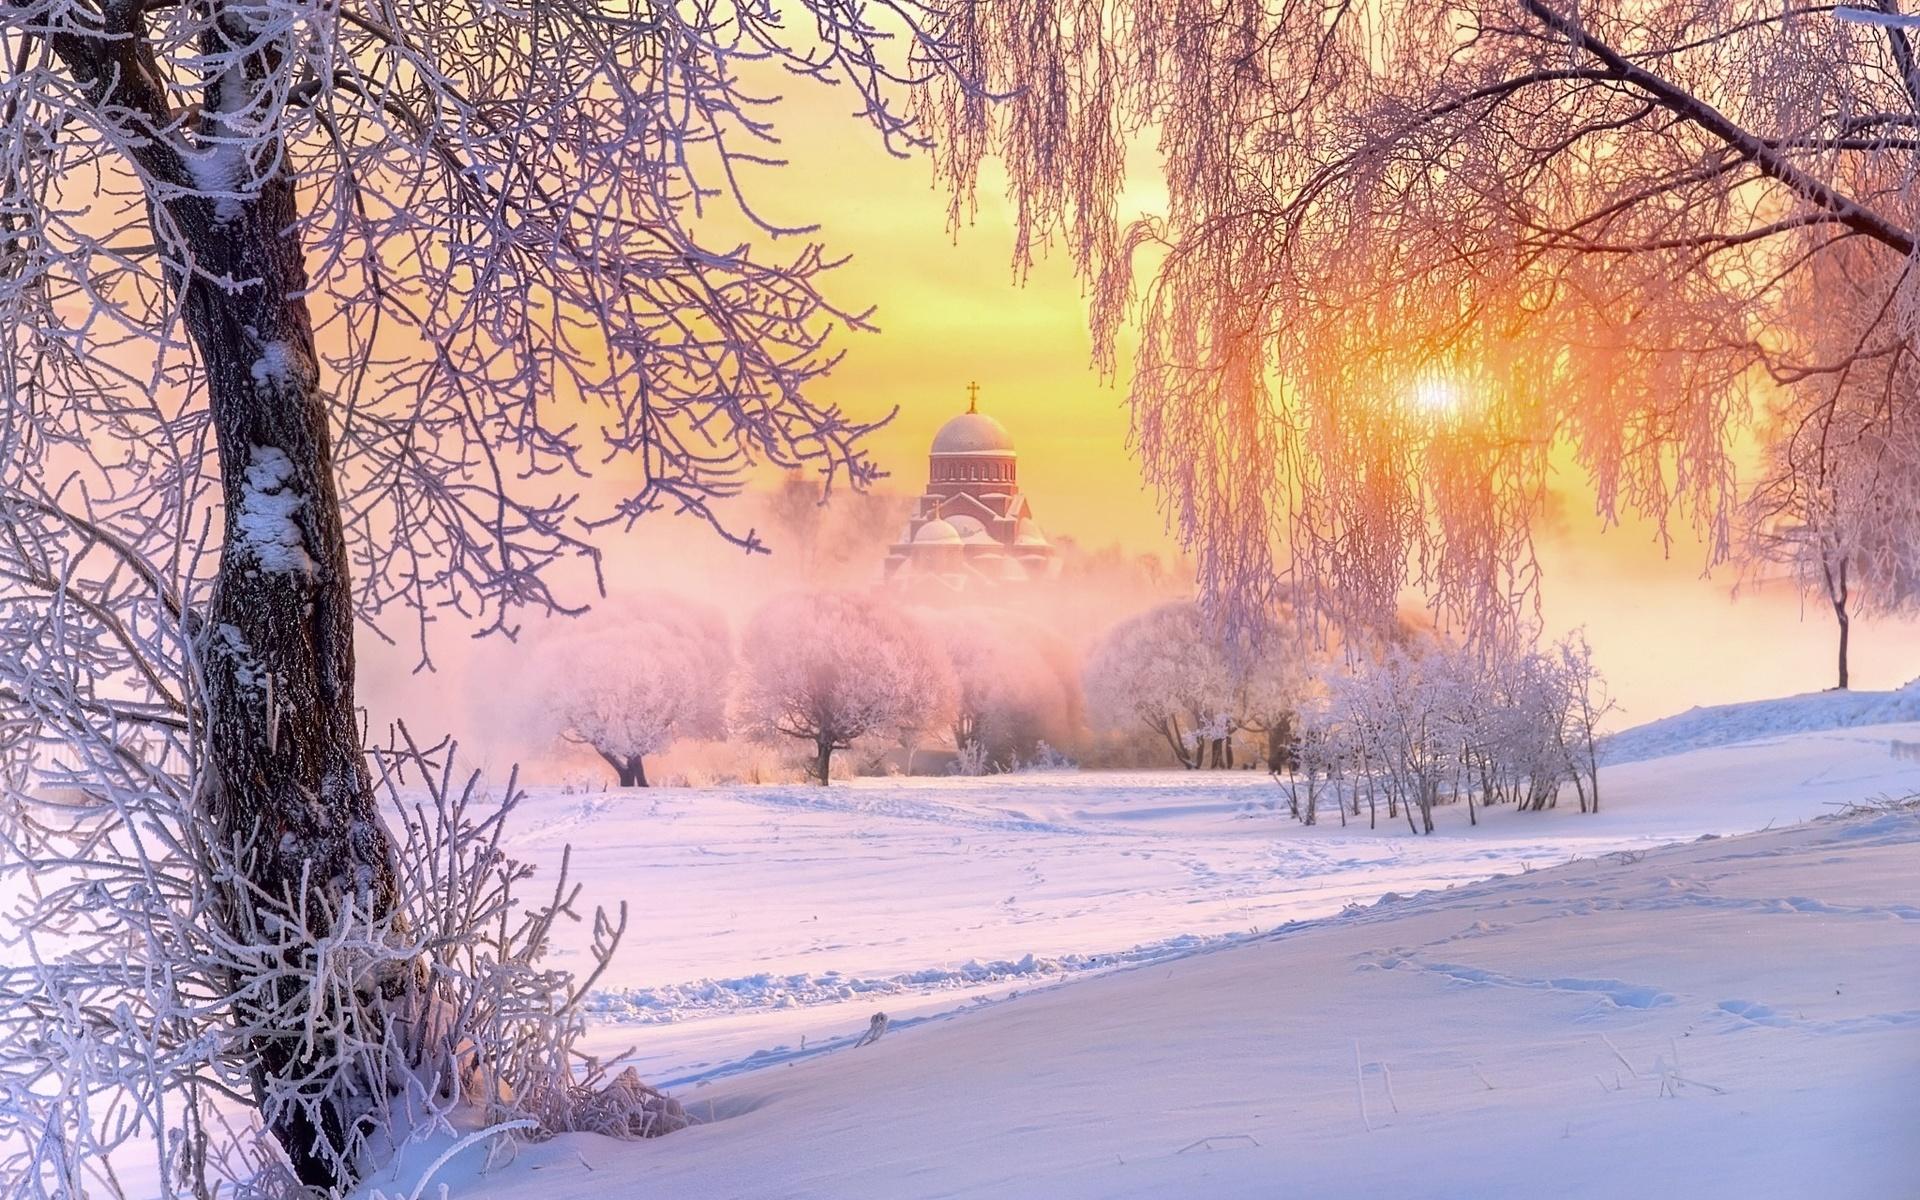 кафе антарес красивые картинки солнца и снега свет заставляет нас